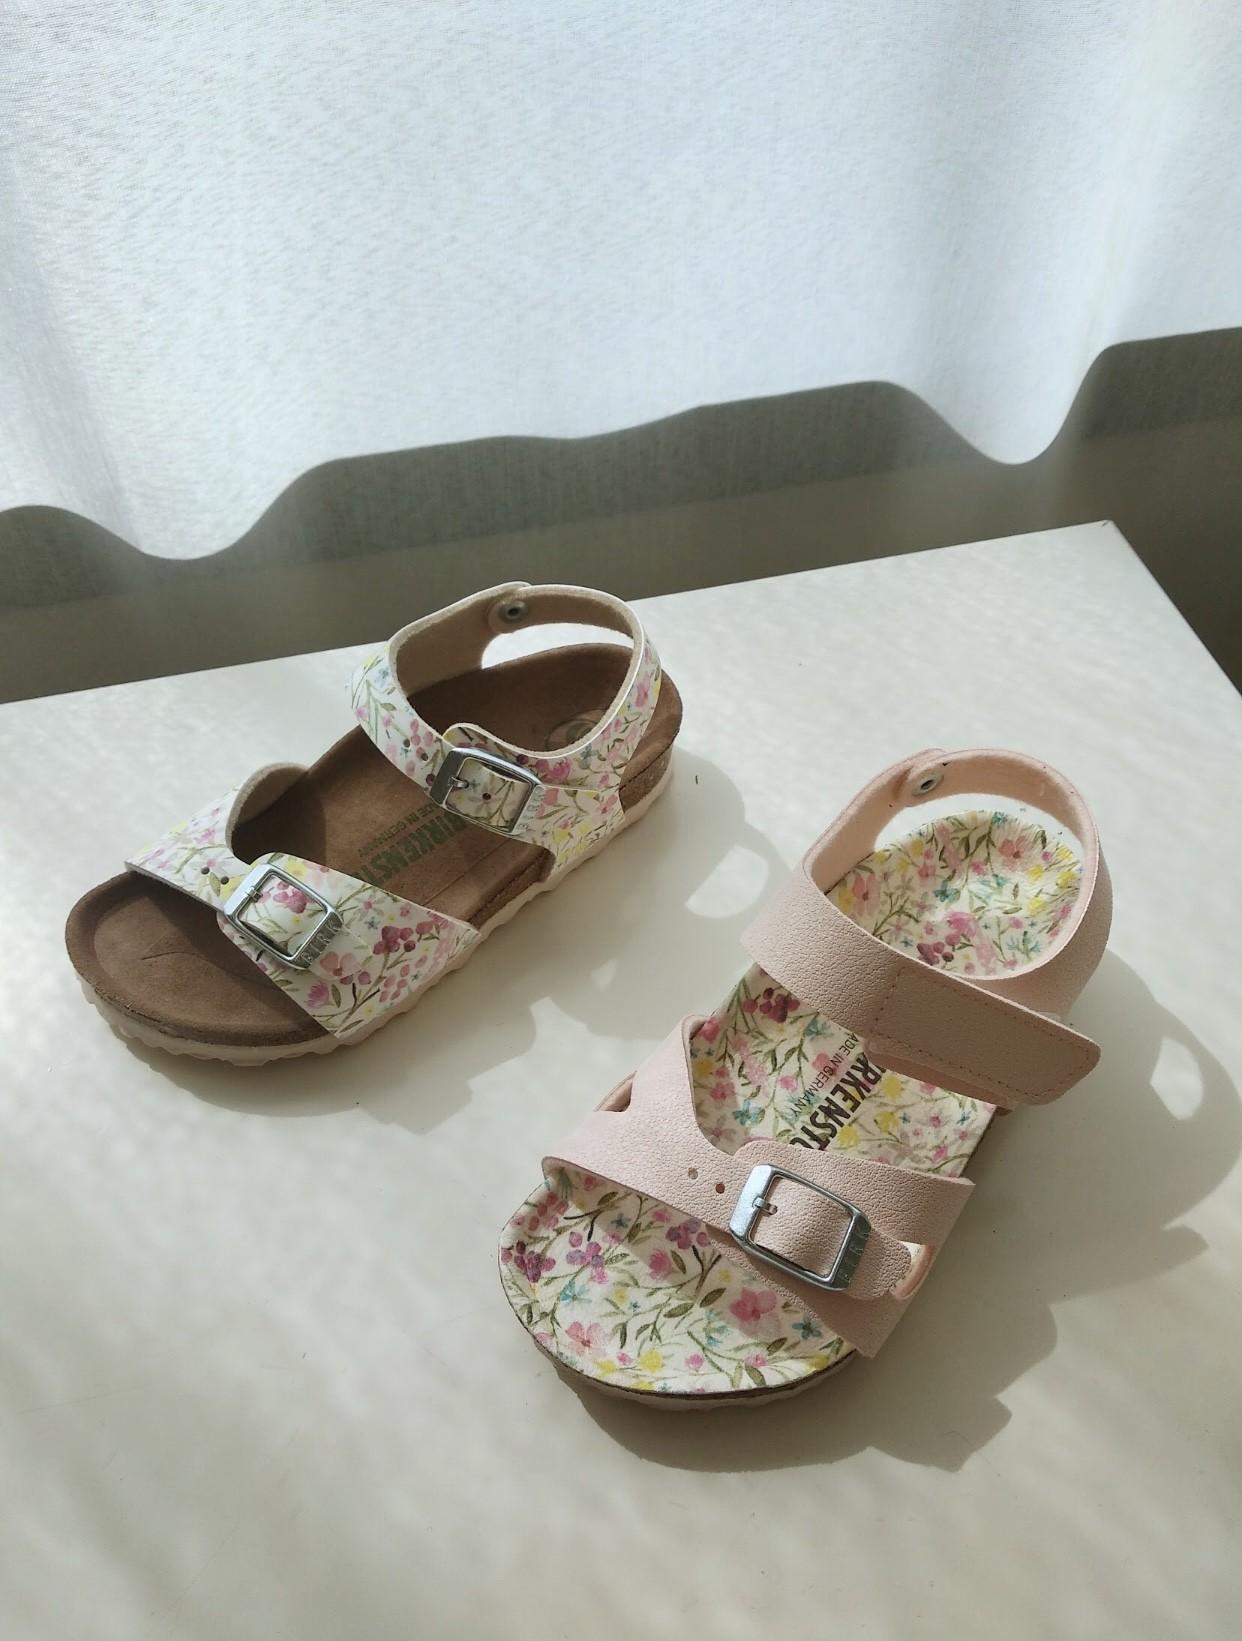 scarpe vegan bimbi sandaletti birkenstock